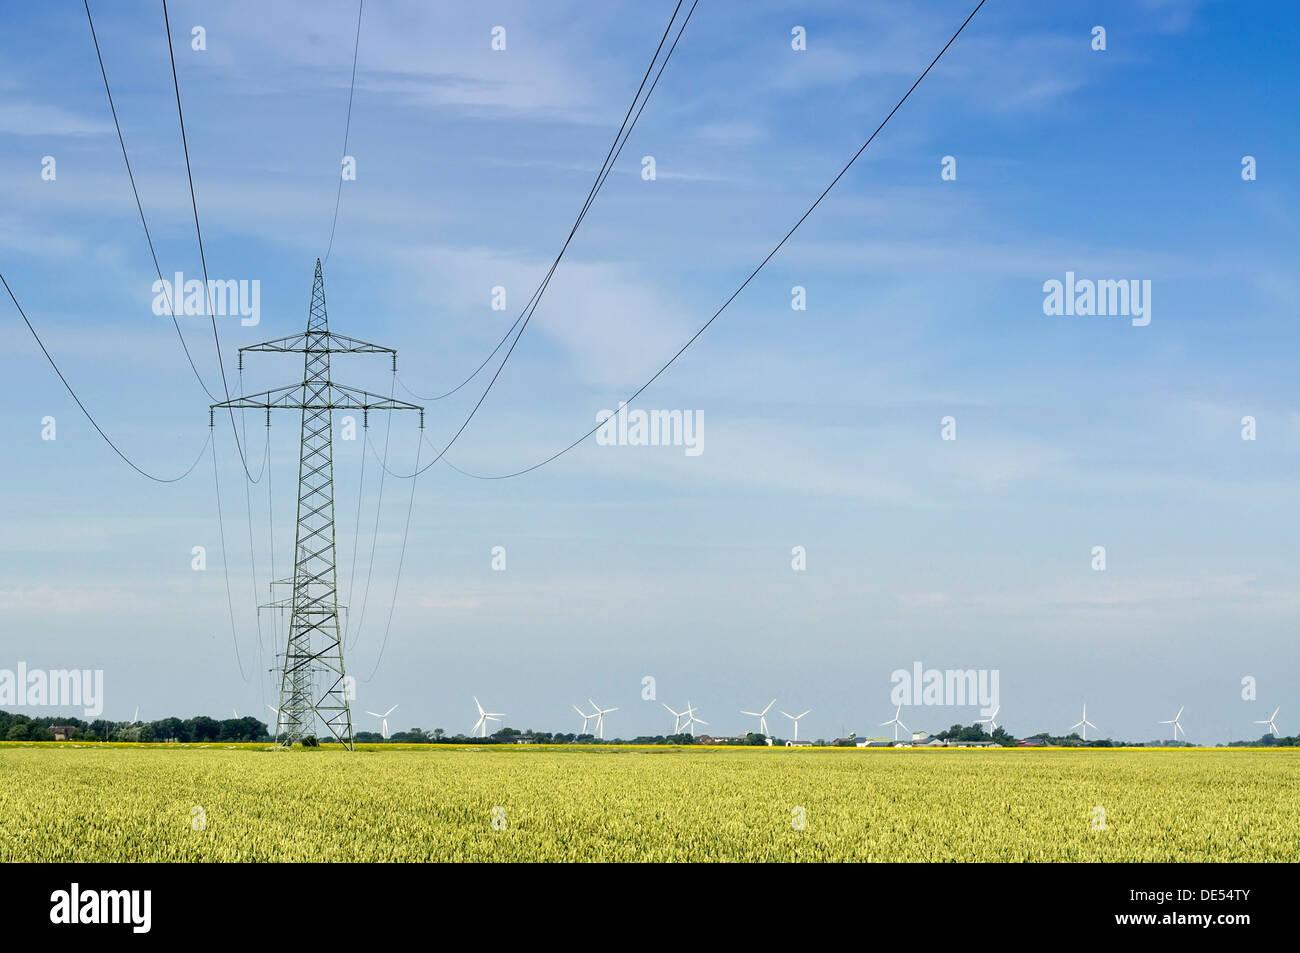 Netzanschluss und Strom einspeisen von onshore Wind Energy, 110-KV-Stromleitung in der gotteskoog Polder Stockbild